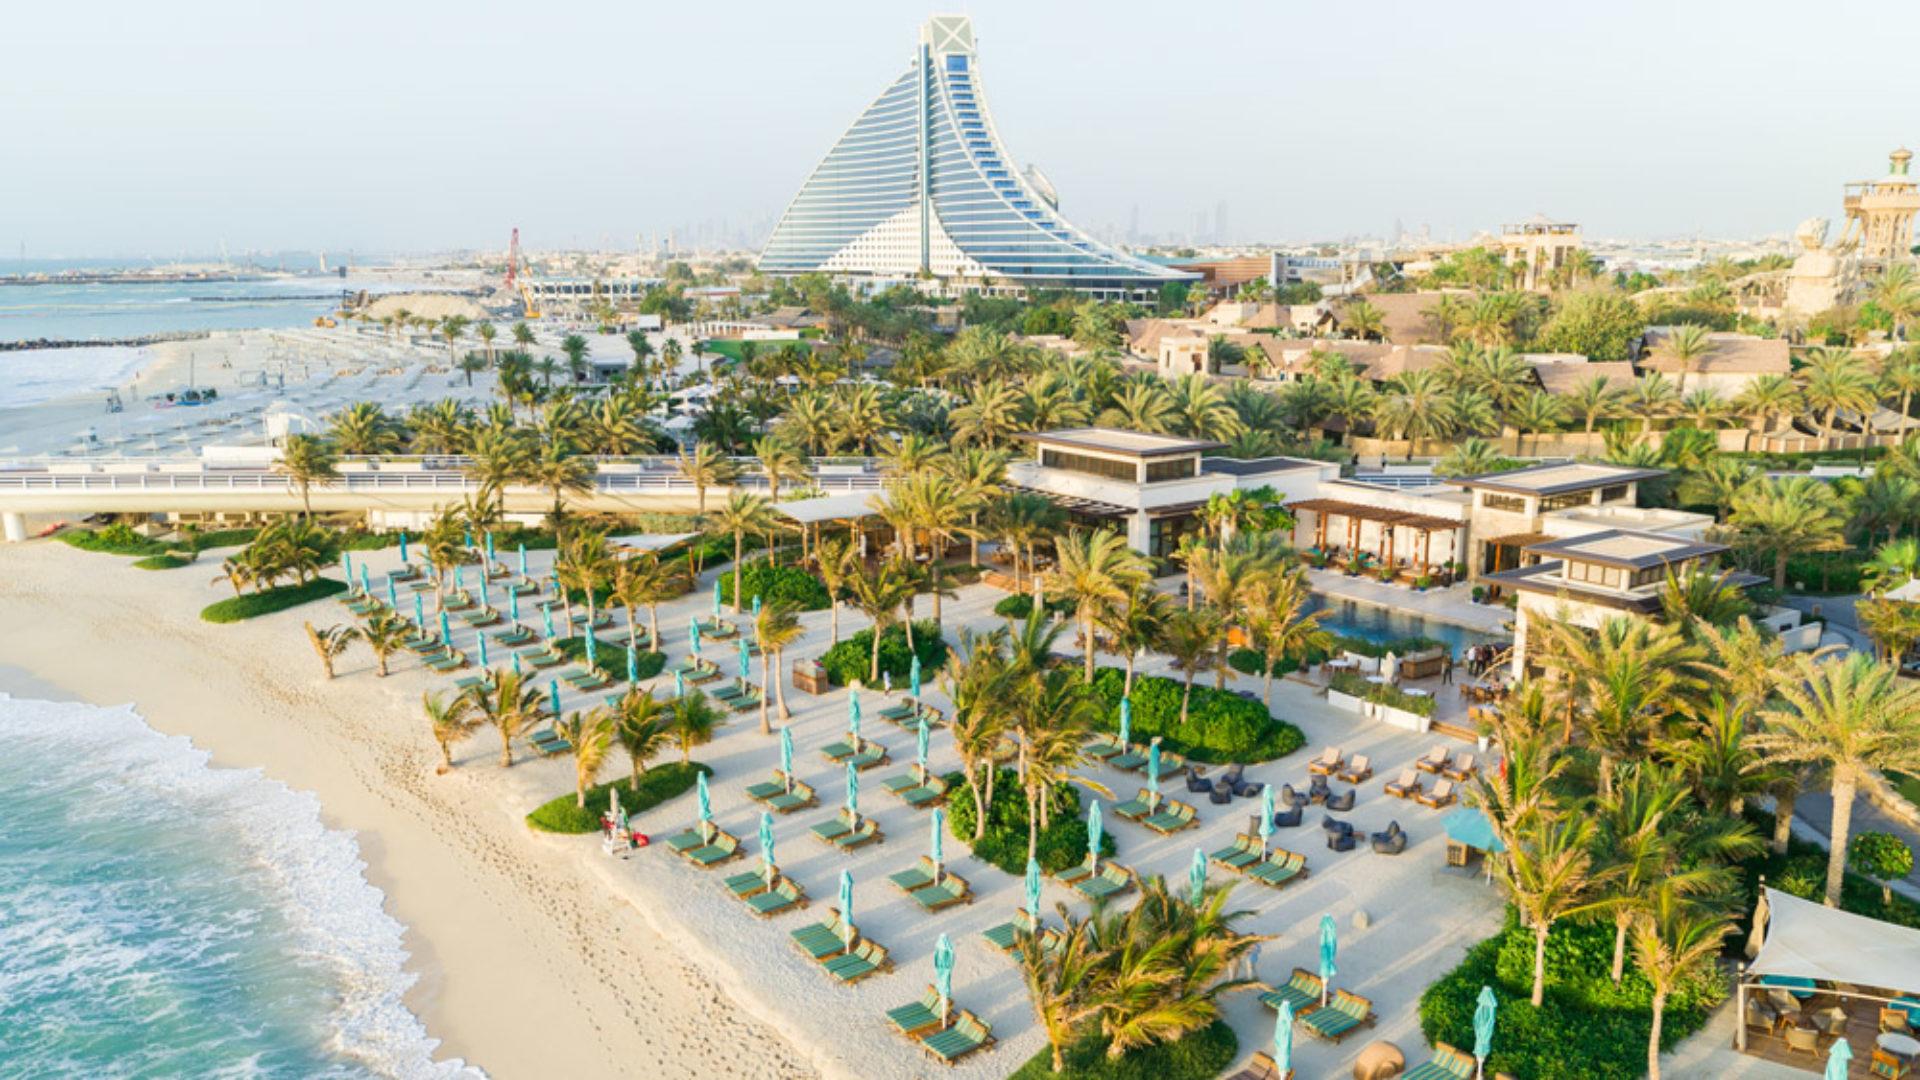 Rockfish Private-Beach Aerial Drone at the Jumeirah Al Naseem